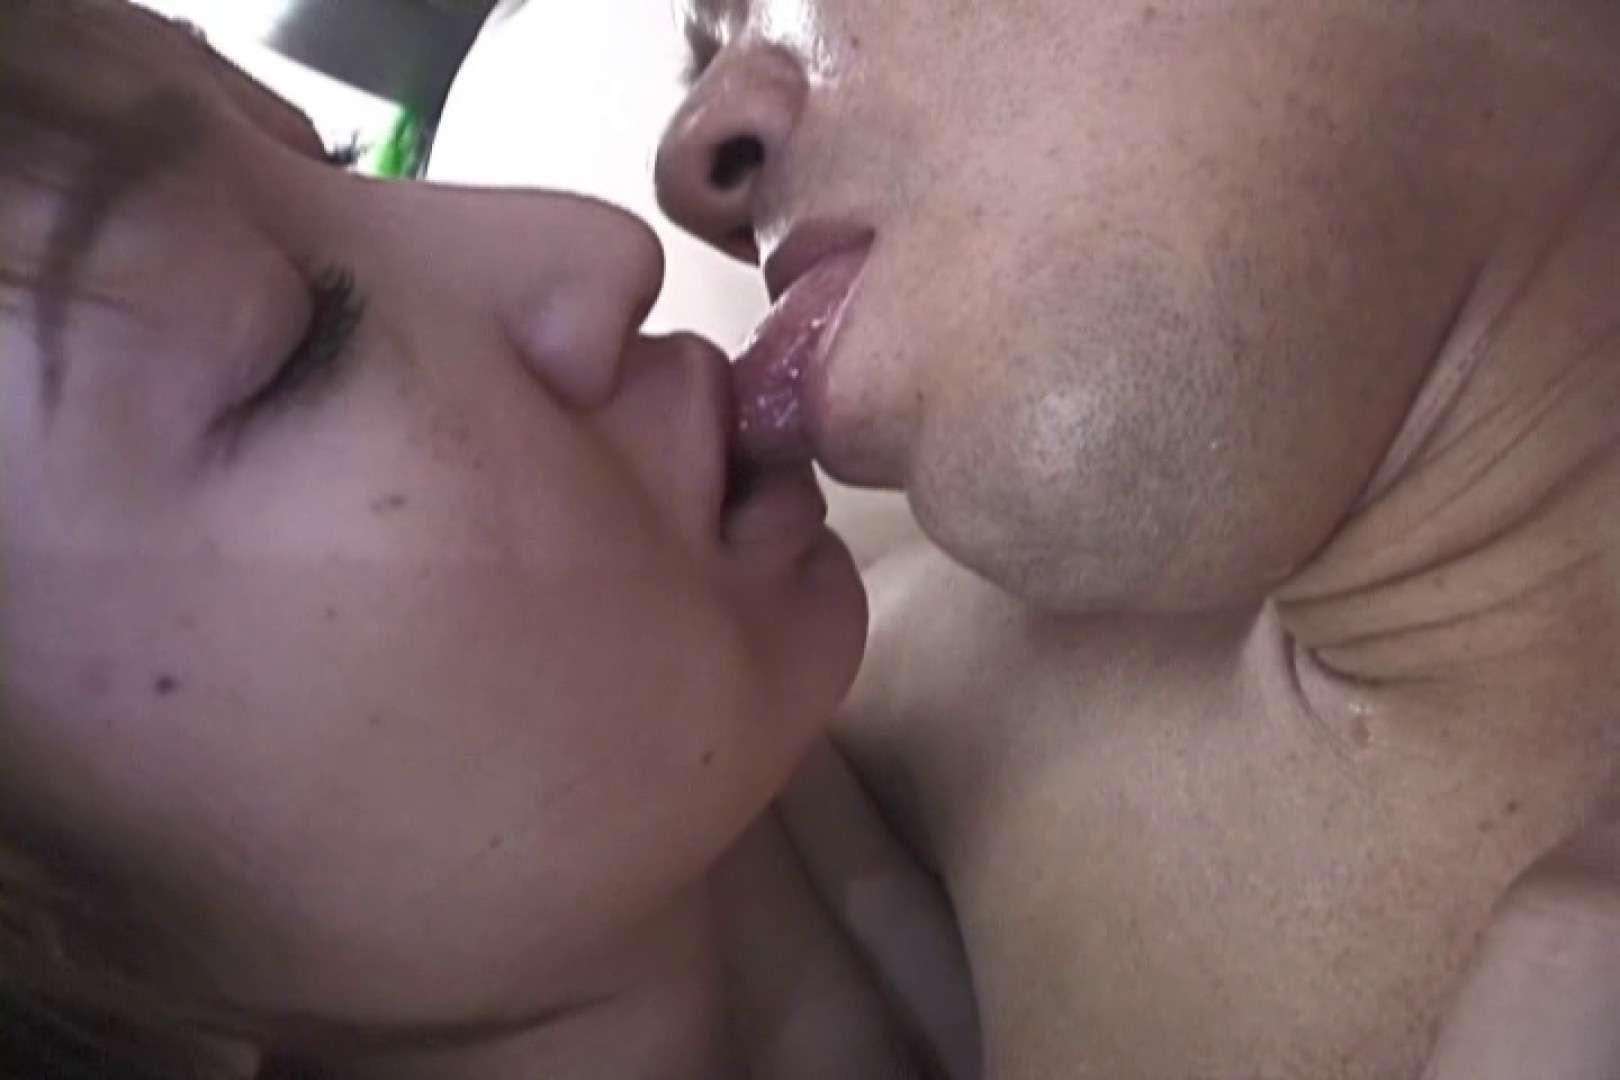 若人妻は静かに濡れる~藤本あずさ~ 電マ 性交動画流出 64pic 11